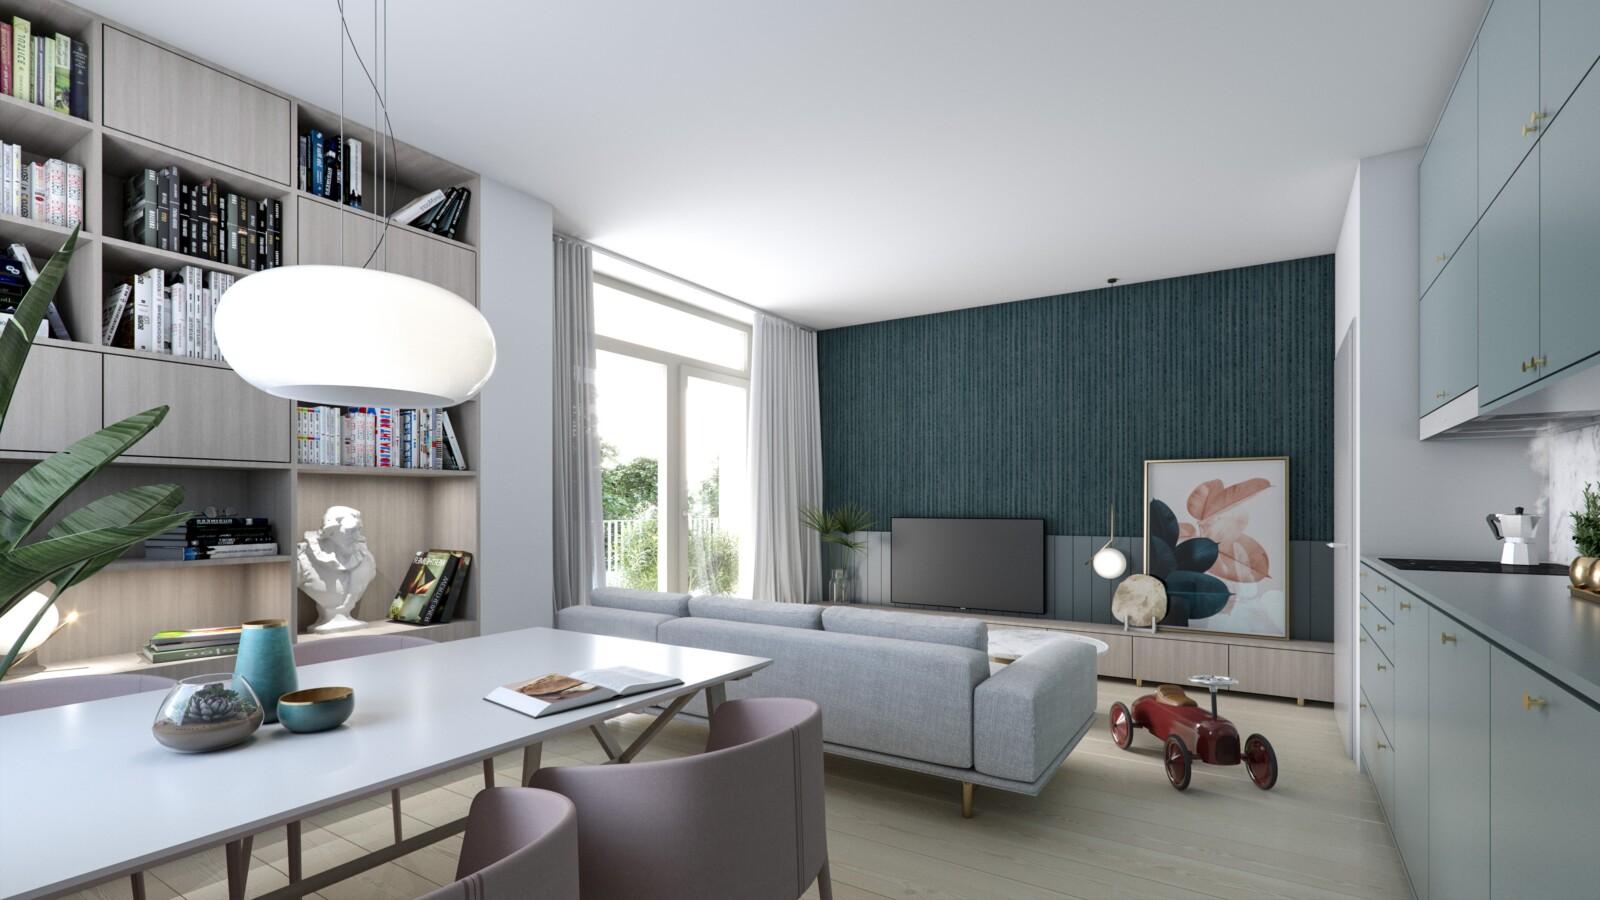 rezidence Obvodová – vizualizace interiér